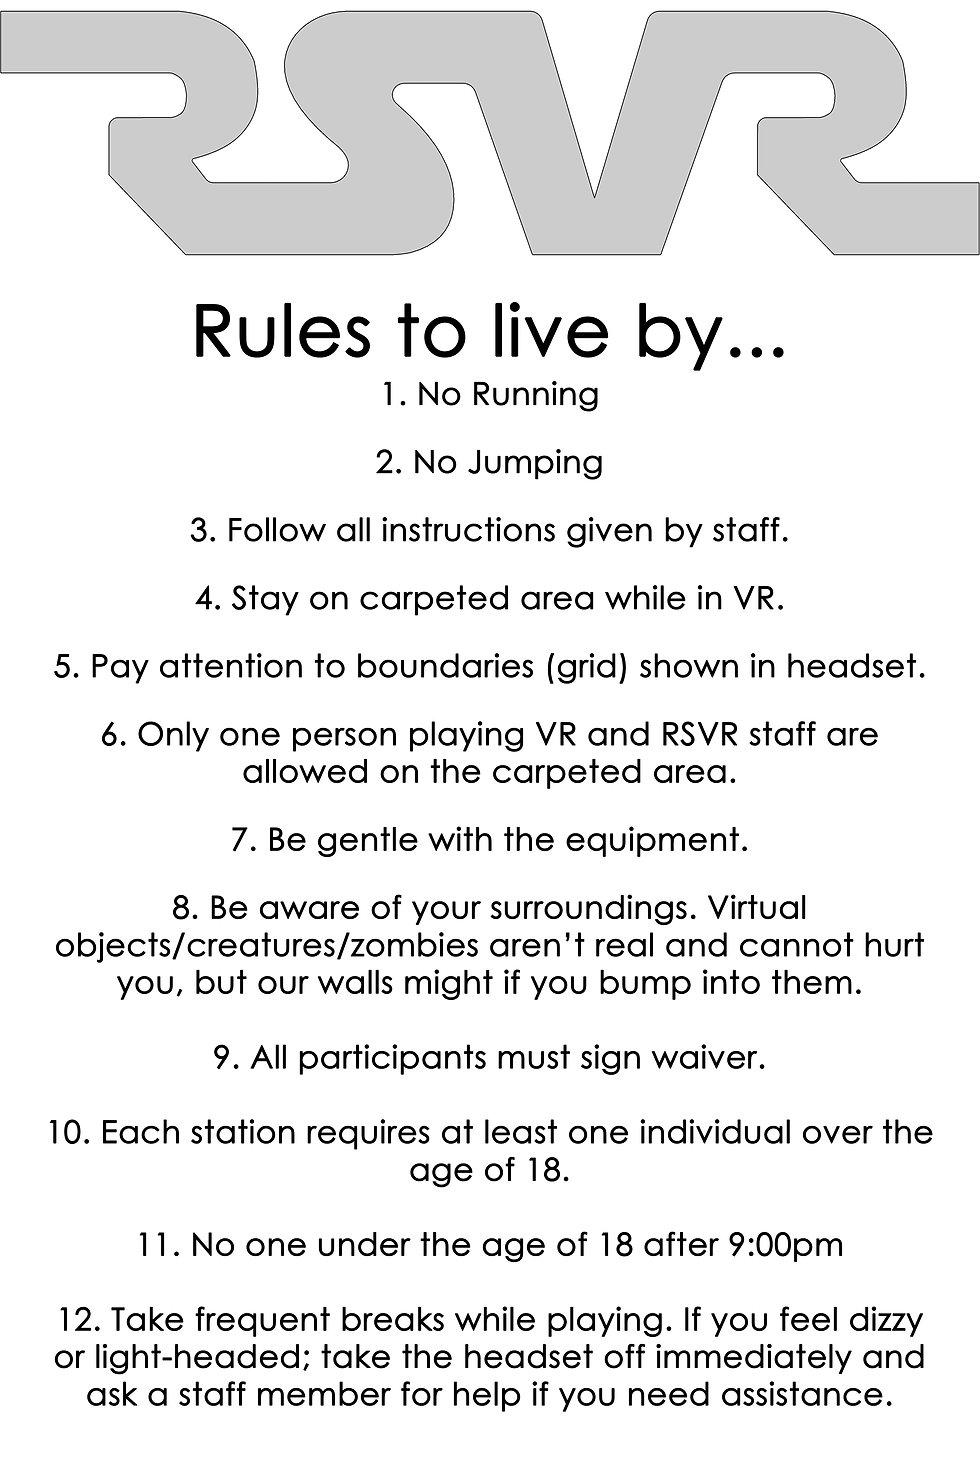 RSVR Rules poster.jpg